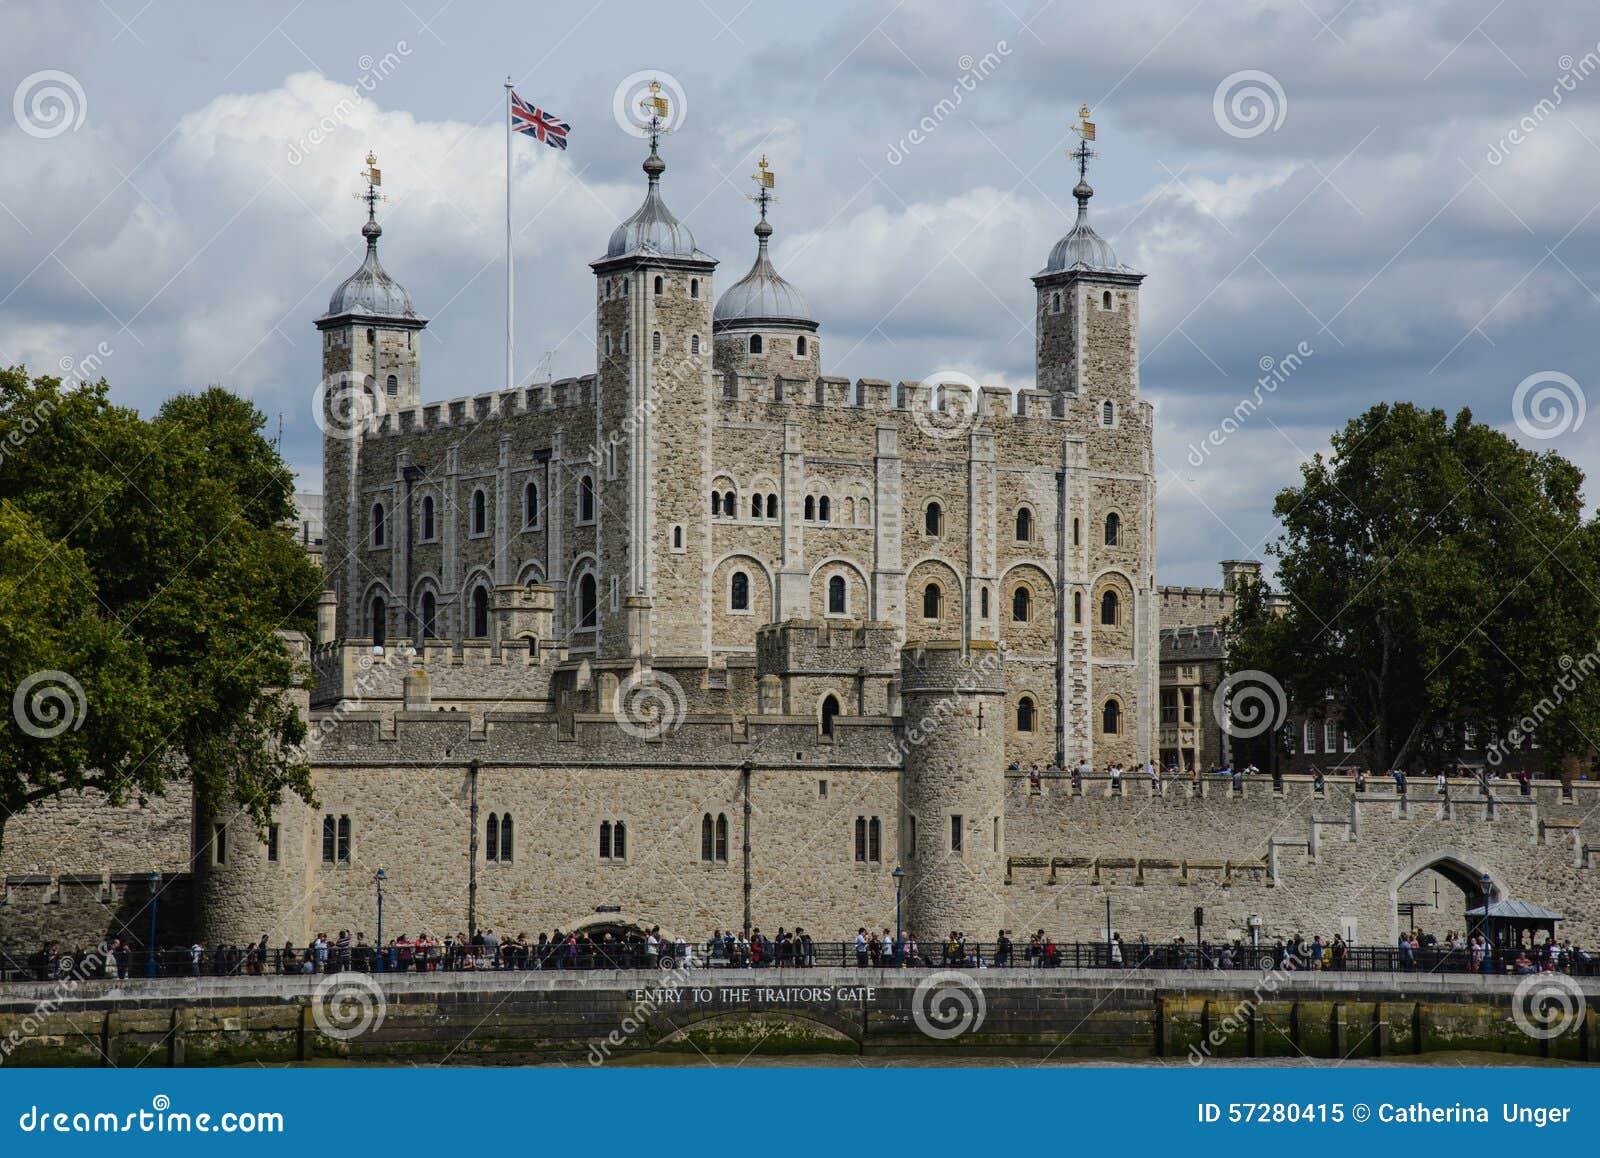 Londen, de toren